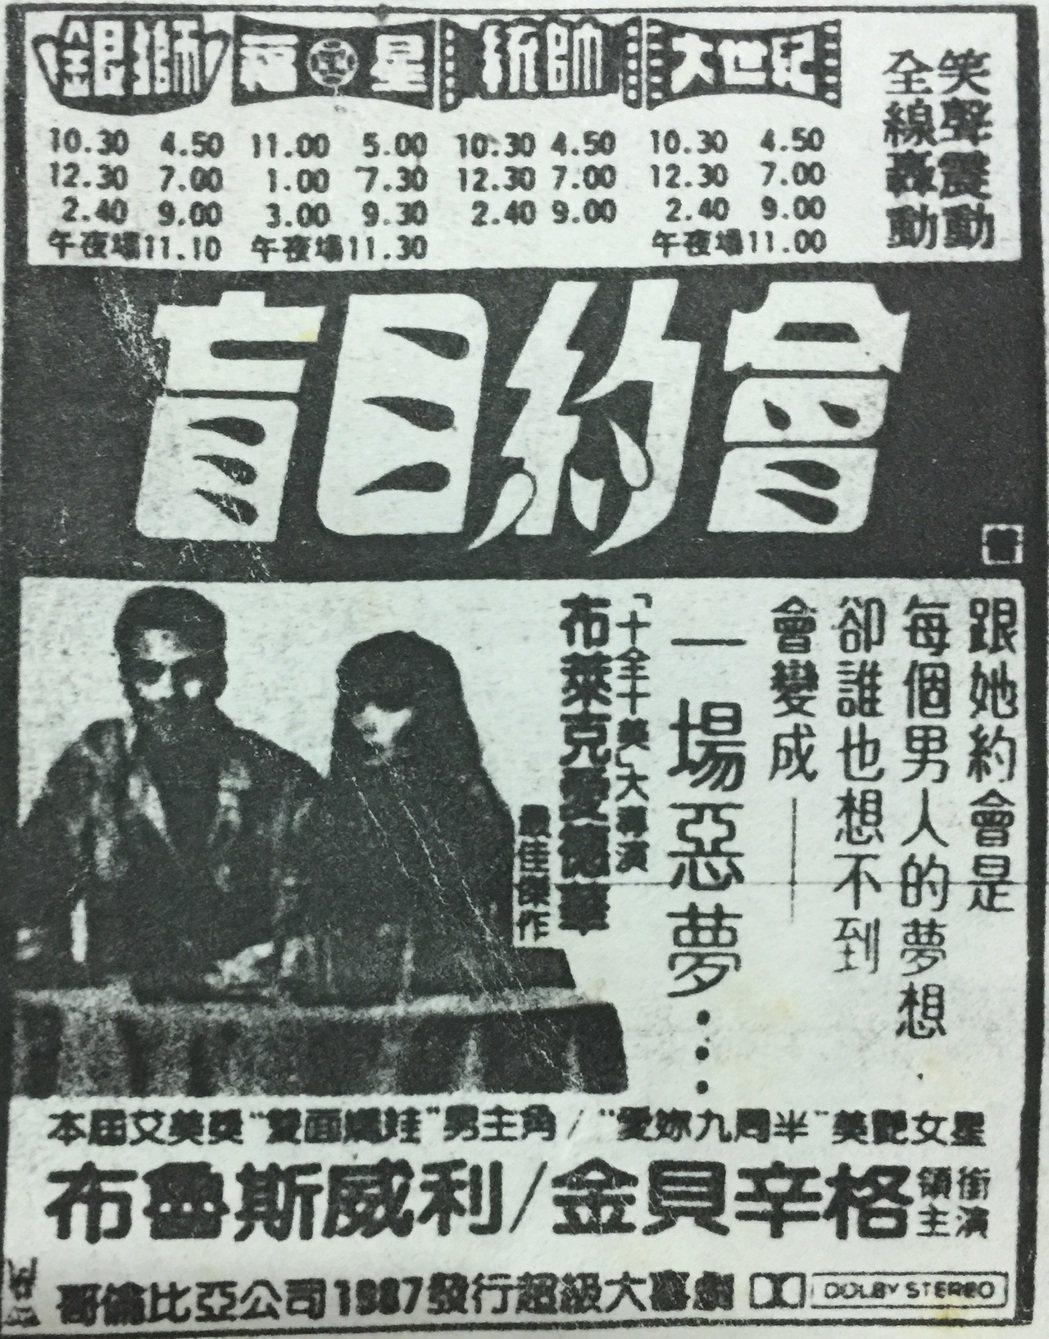 圖/翻攝自民國76年民生報